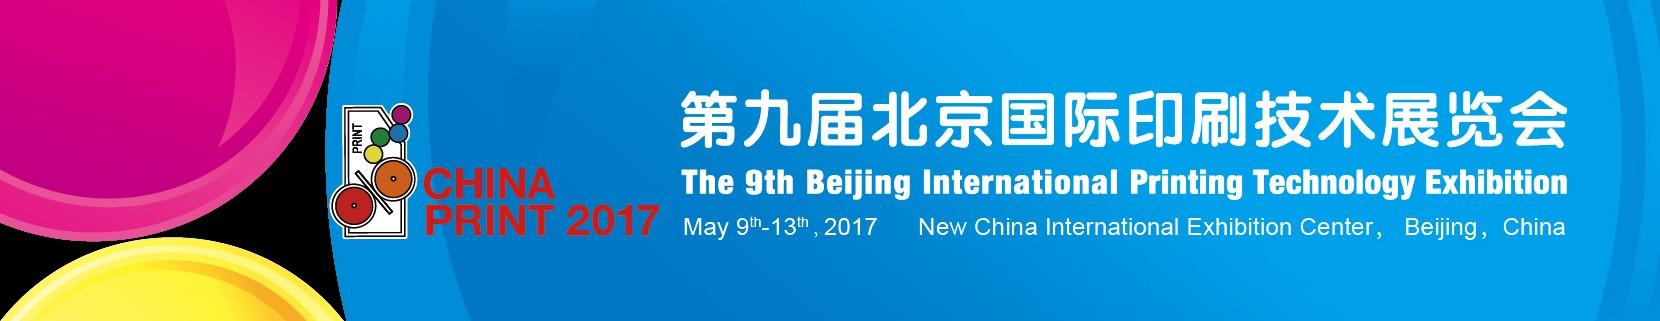 CHINA PRINT 2017